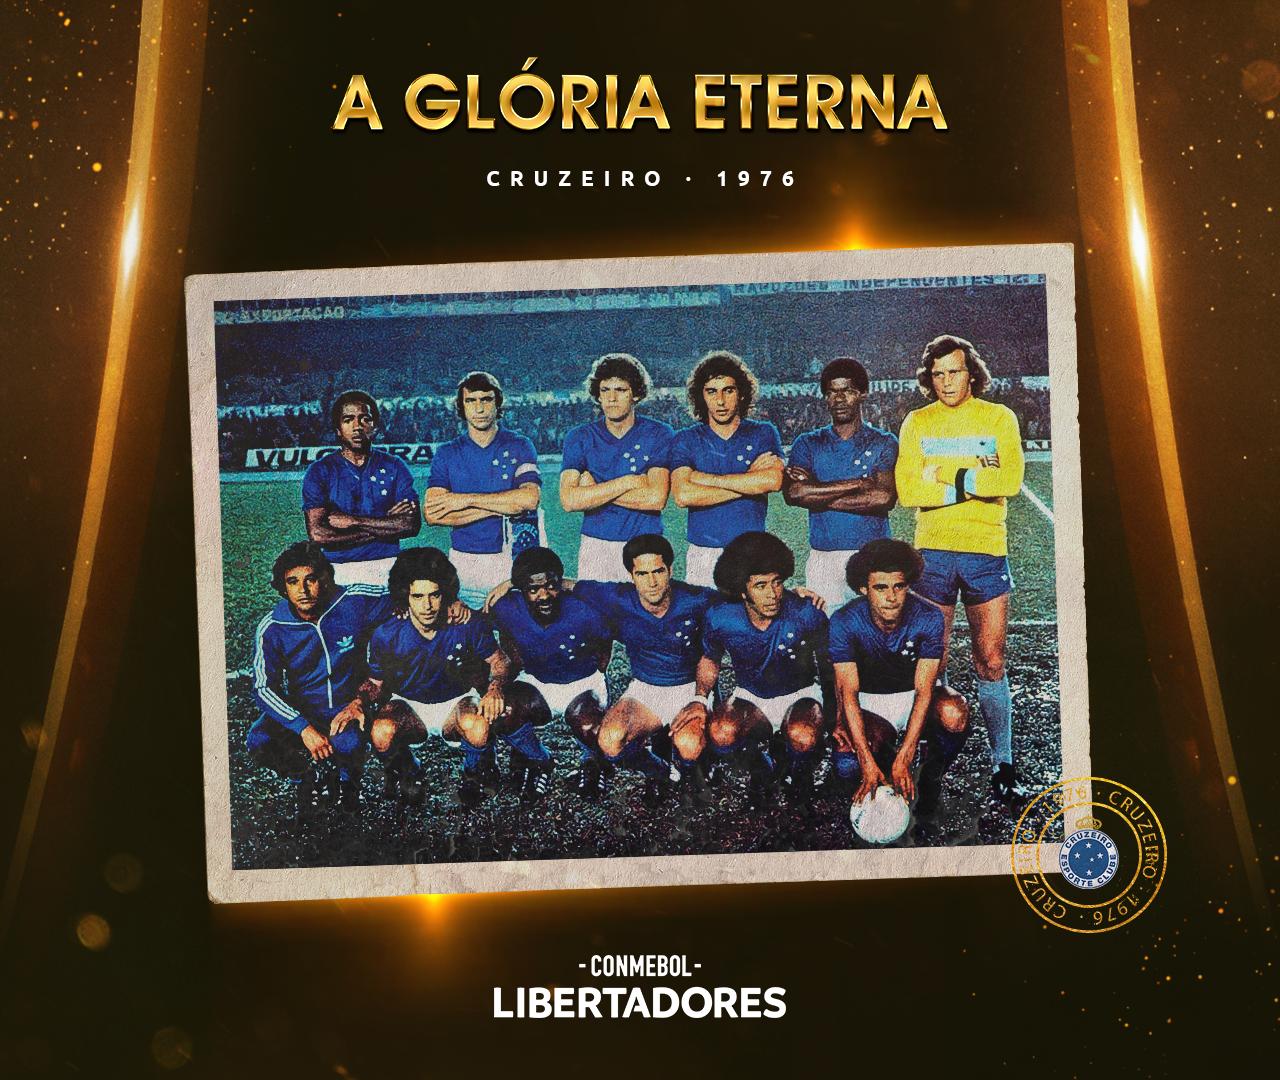 Arte Cruzeiro Libertadores 1976